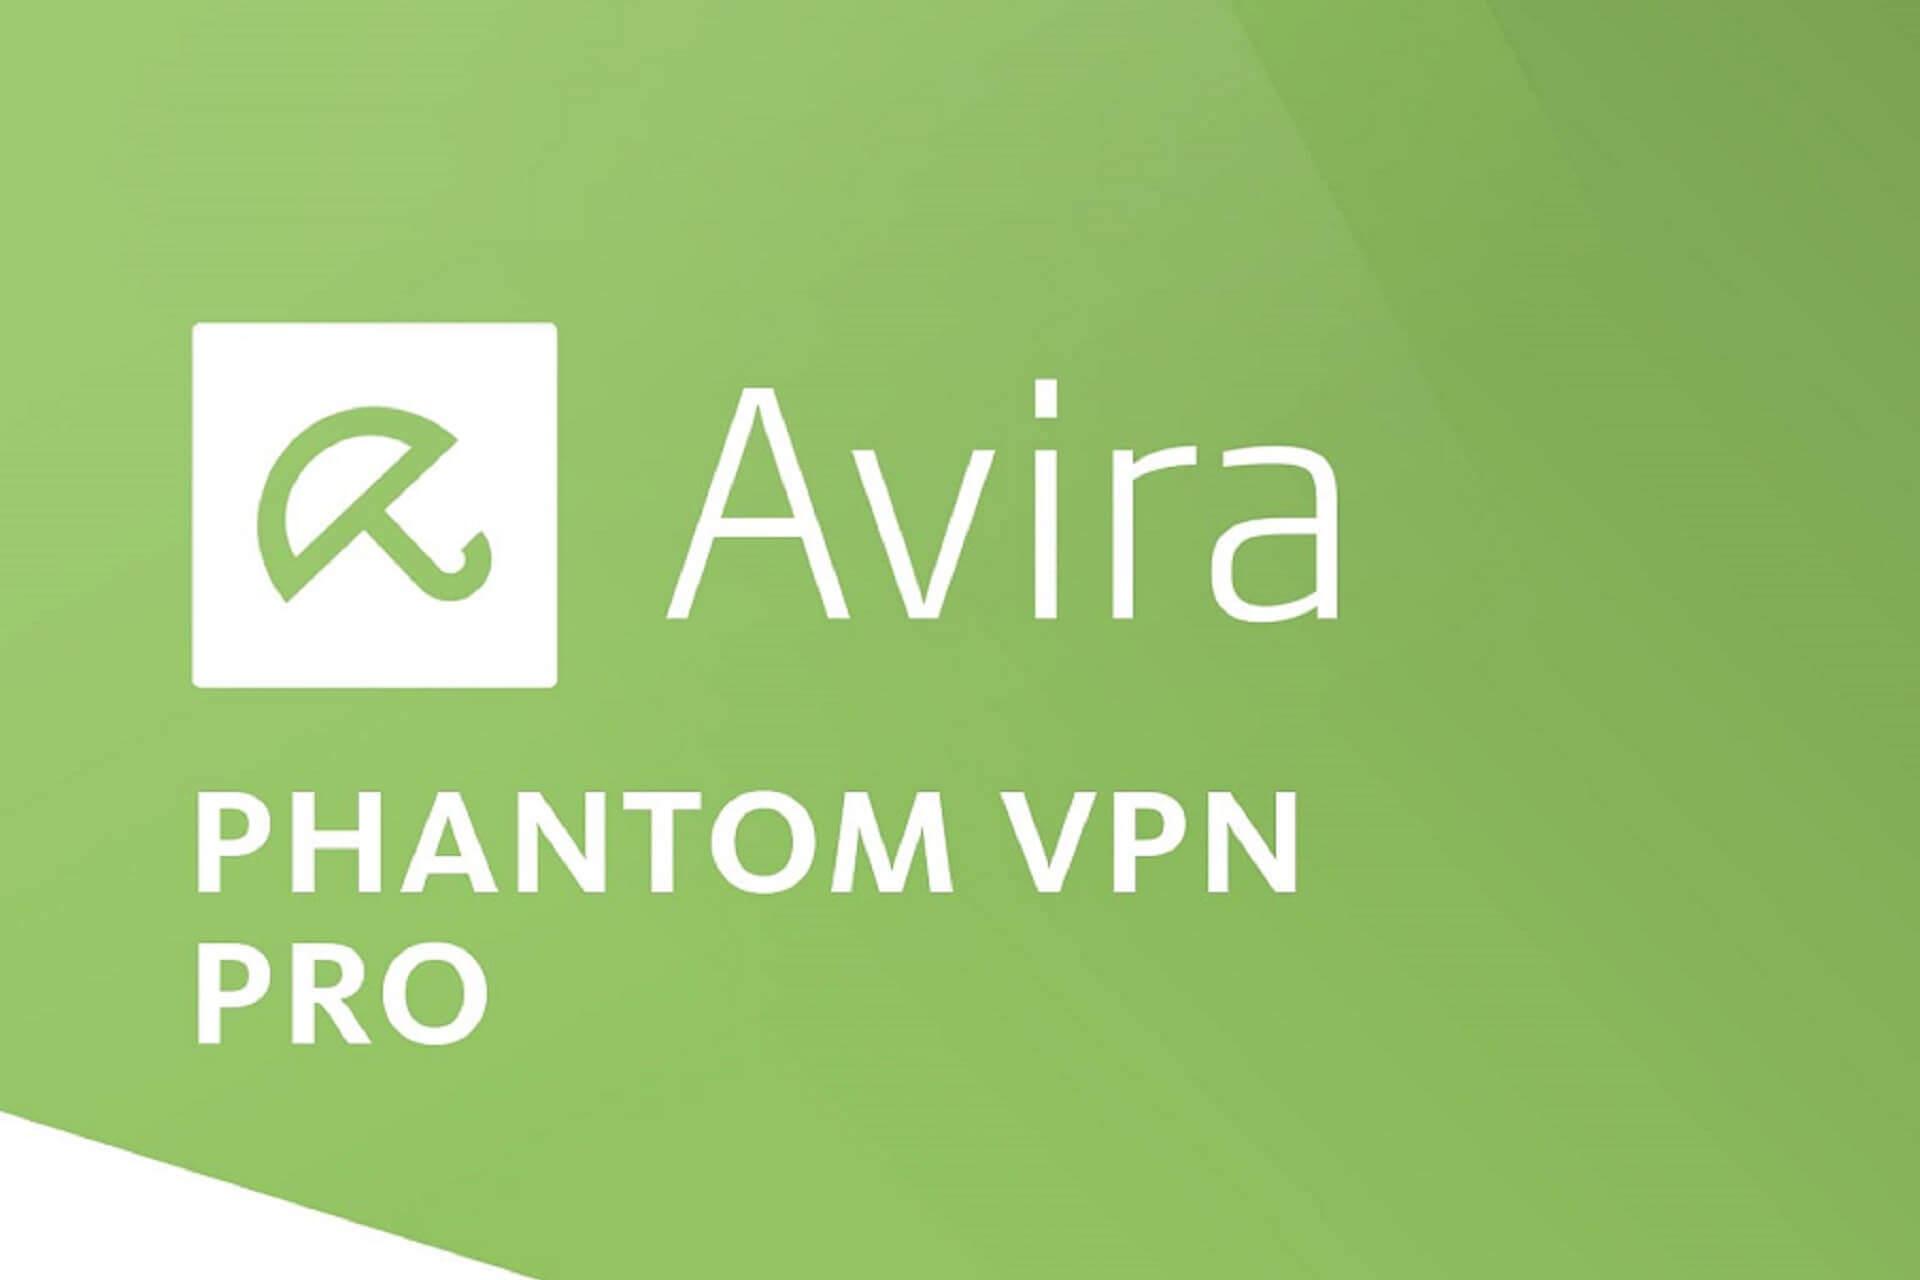 réparer Avira Phantom VPN